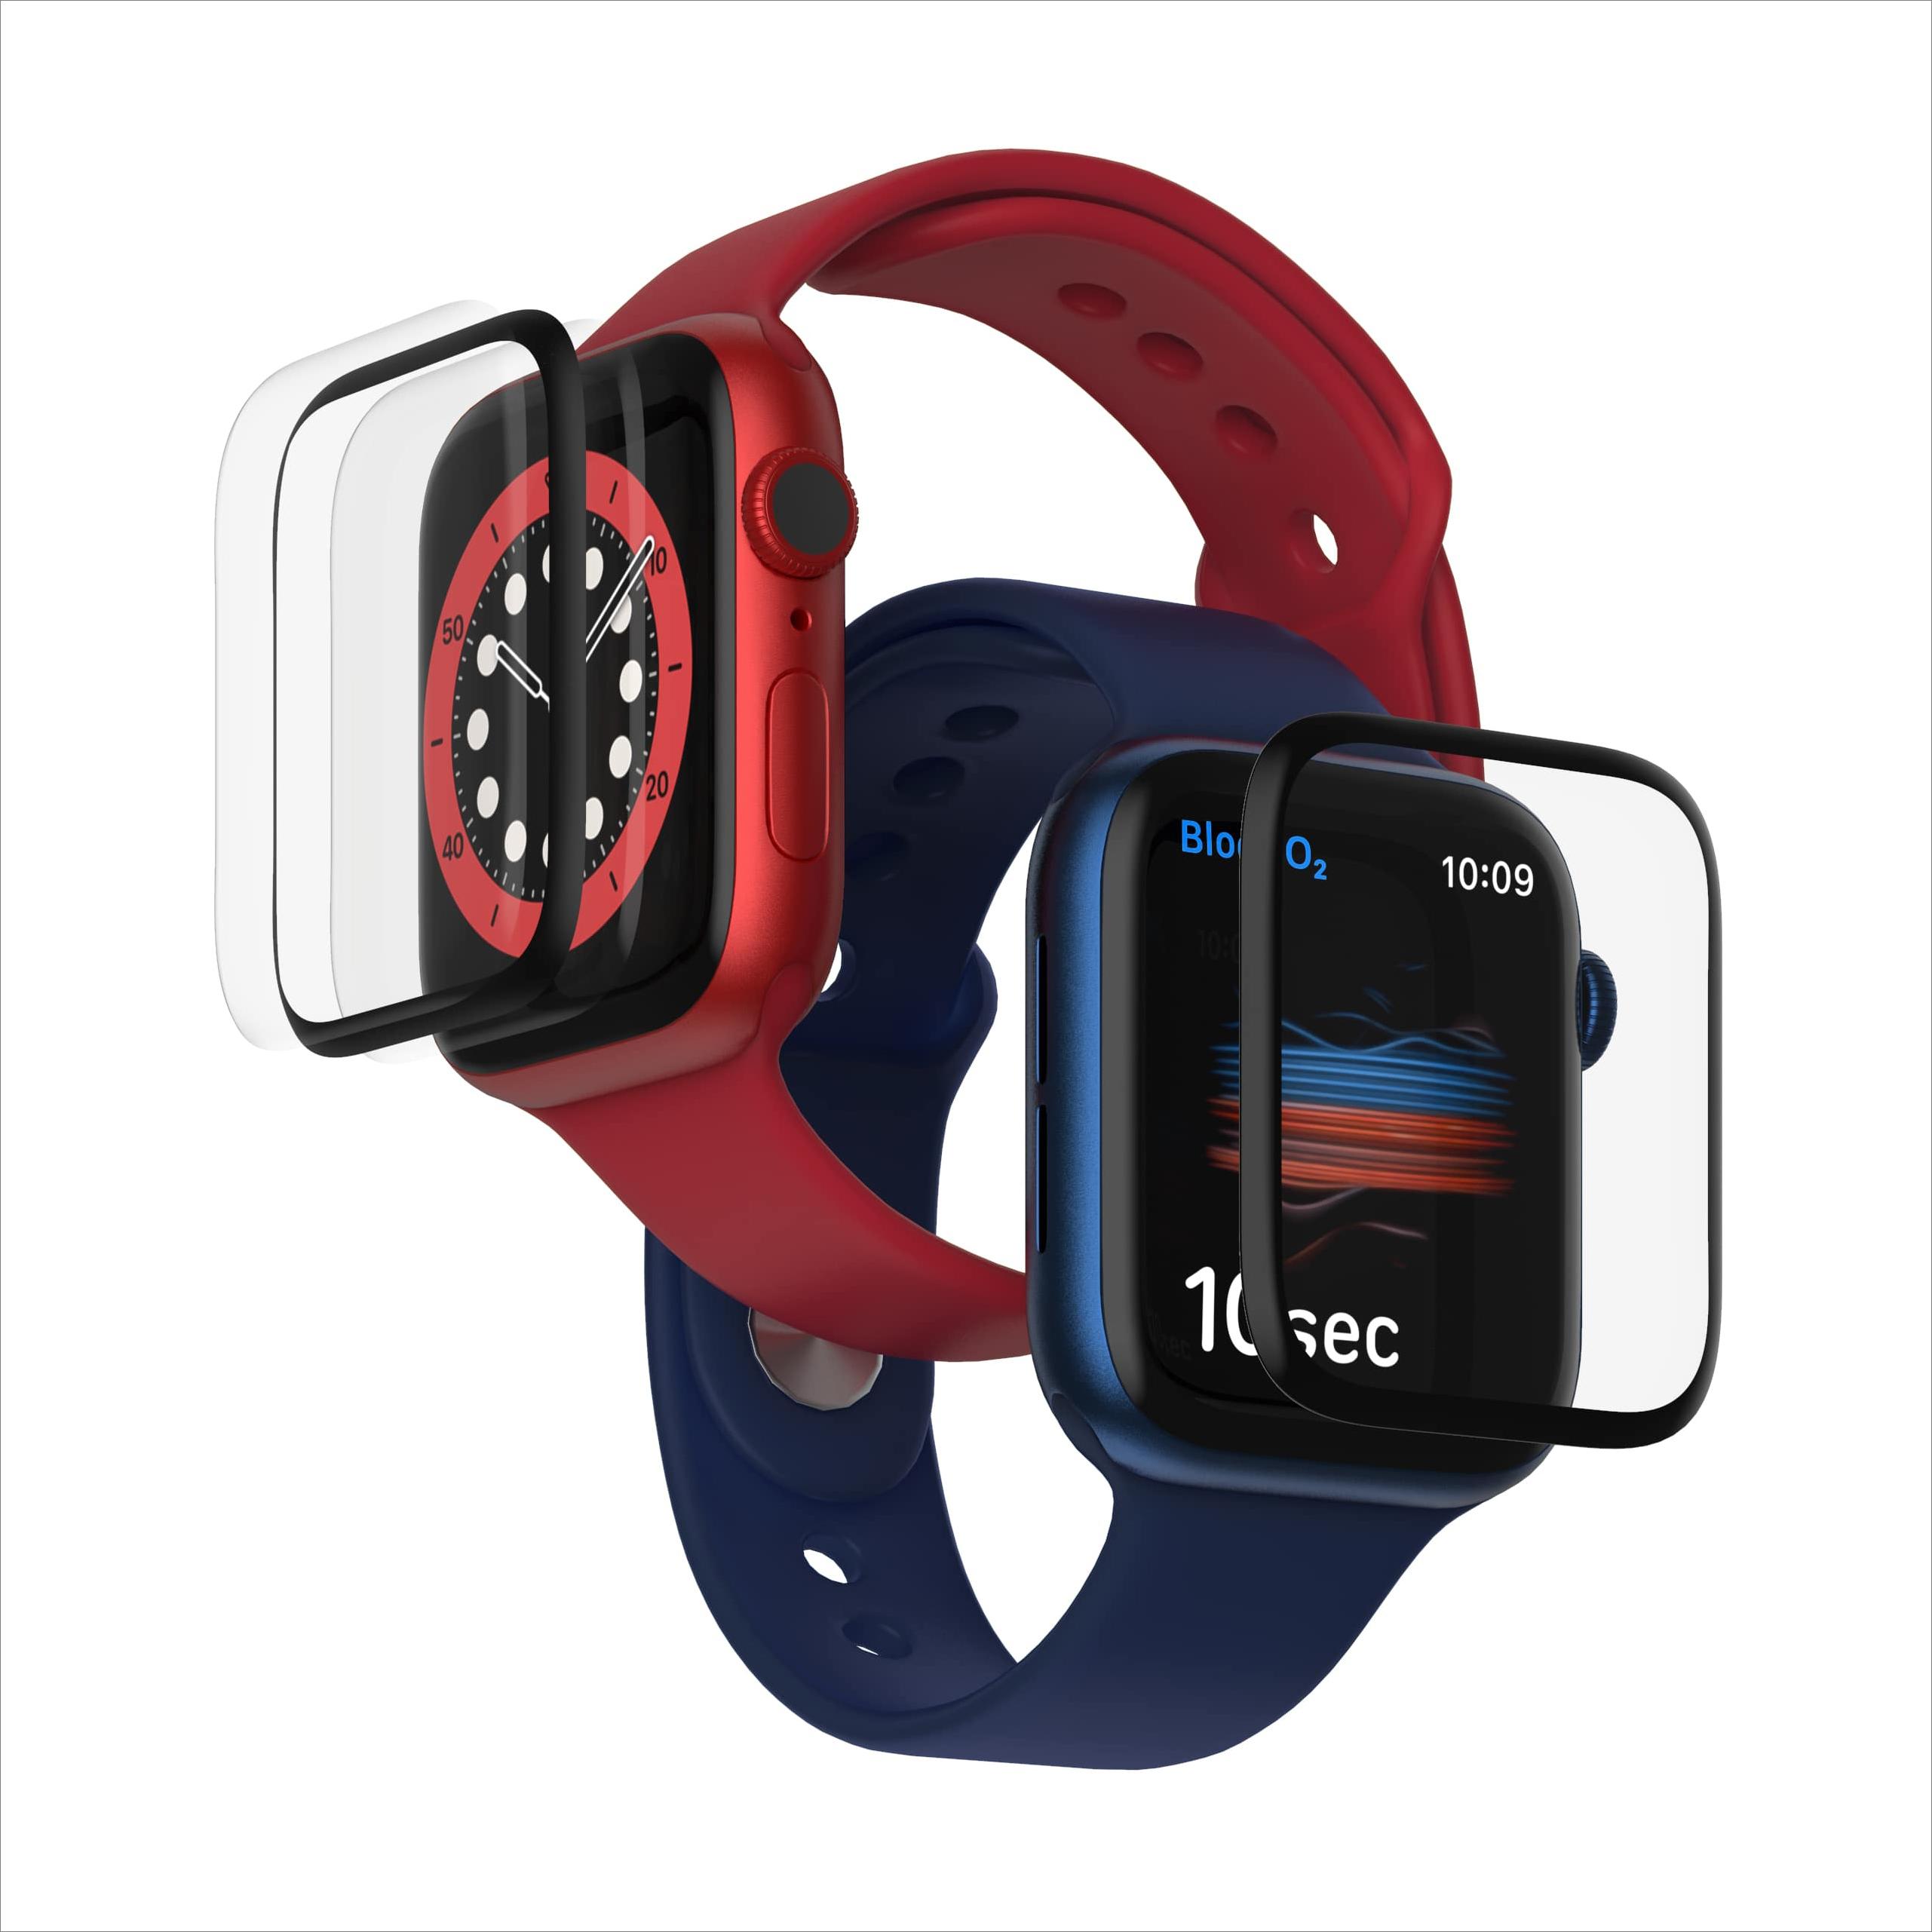 PanzerGlass má krycí sklíčka pro Watch Series 6, Watch SE a nové iPady